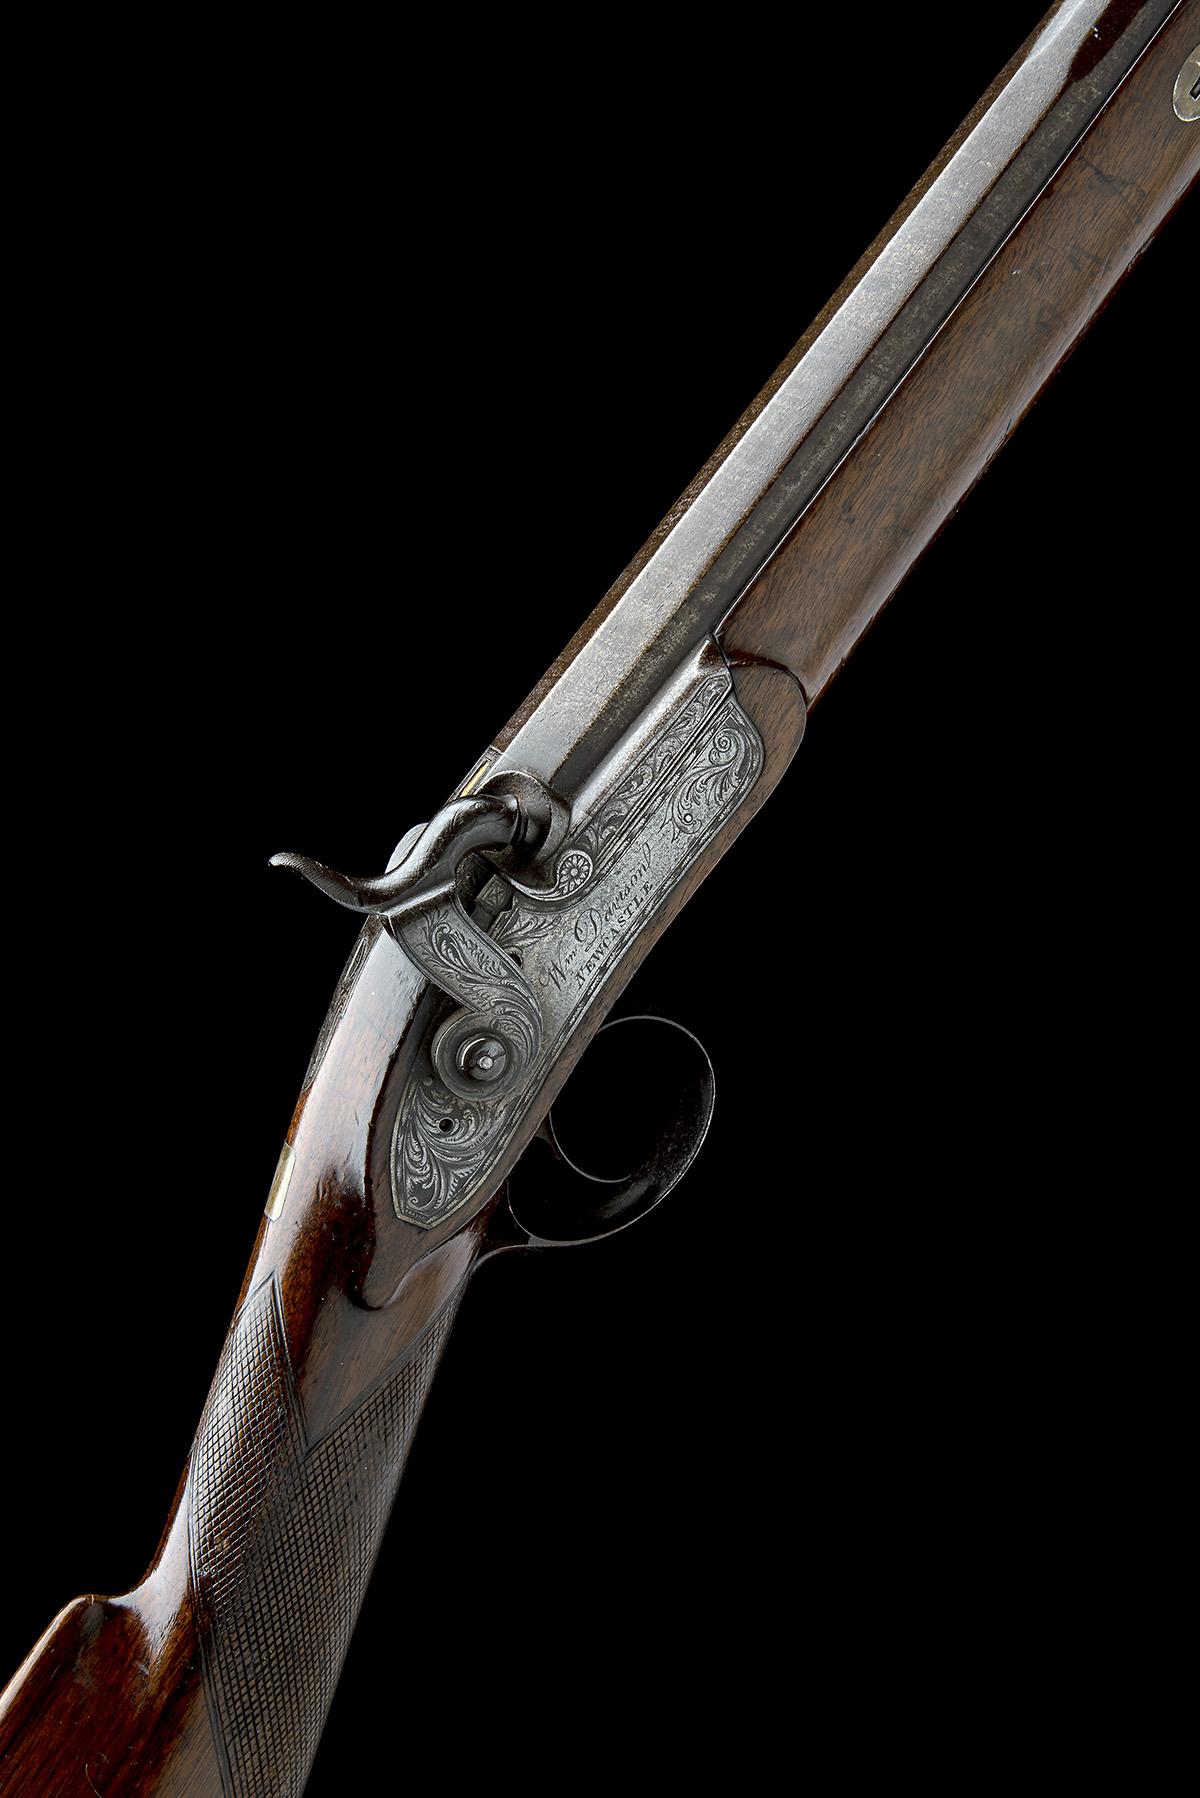 W. DAVISON, NEWCASTLE A 14-BORE PERCUSSION SINGLE-BARRELLED SPORTING-GUN, no visible serial